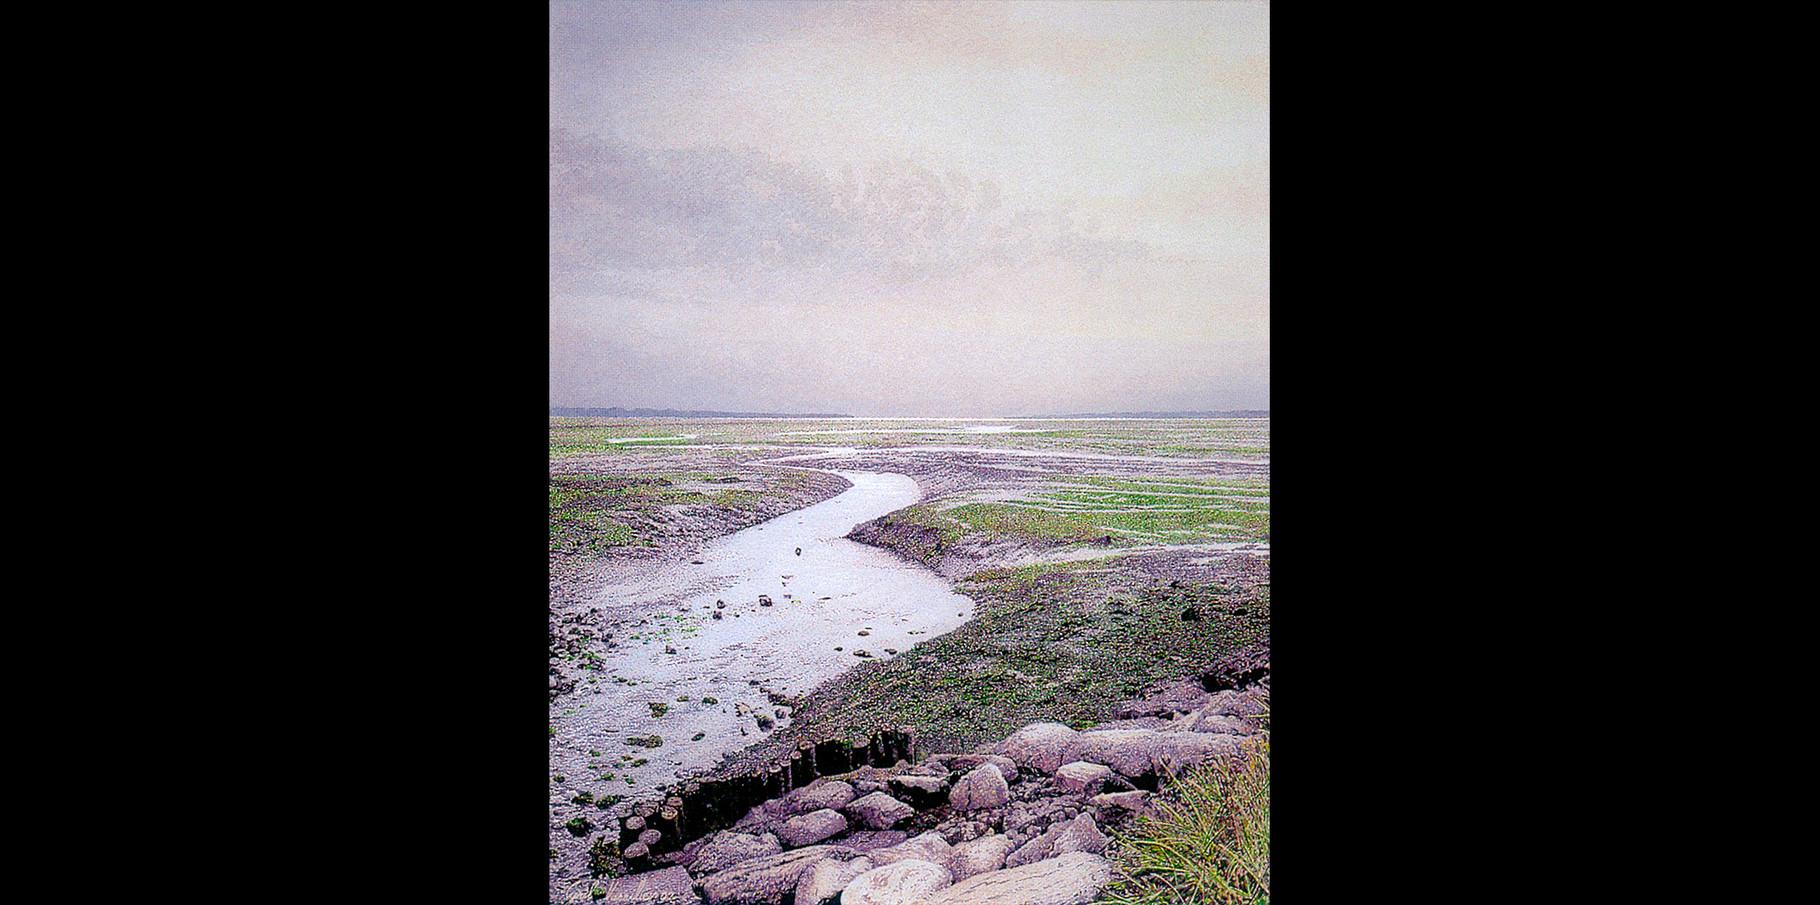 Le chenal d'Ars  Acrylique sur toile  2002   50x71